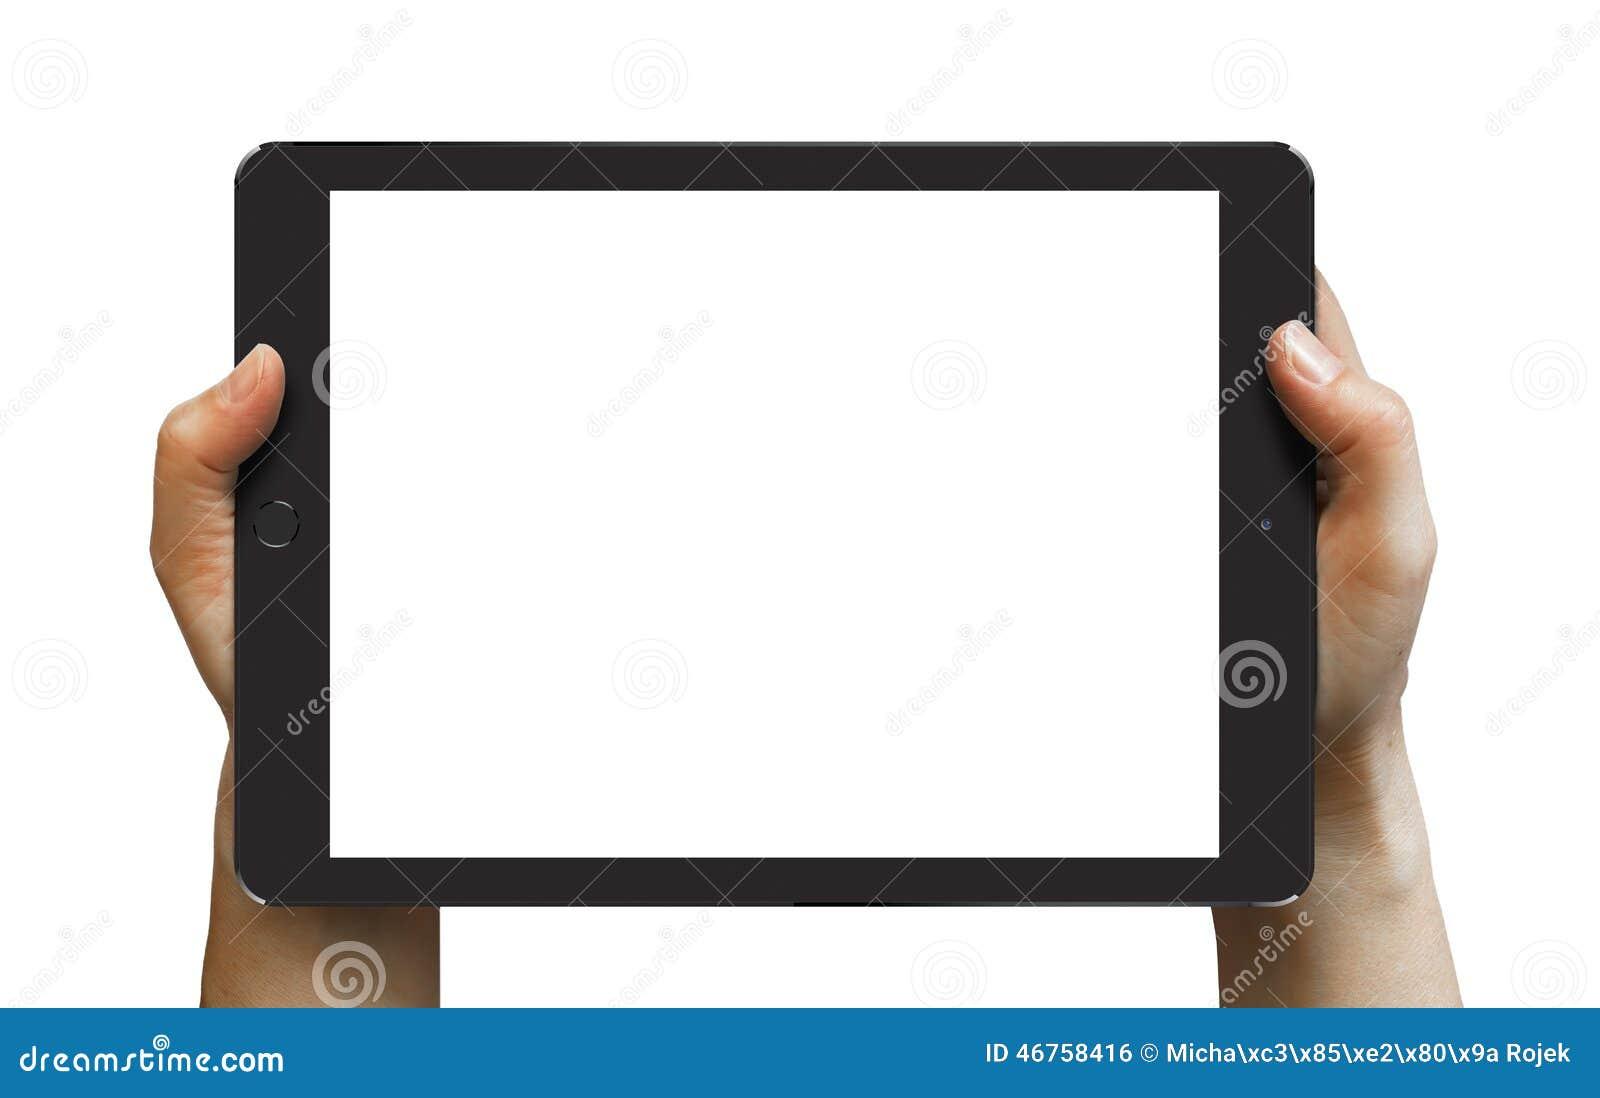 Черный воздух 2 iPad в руках женщины